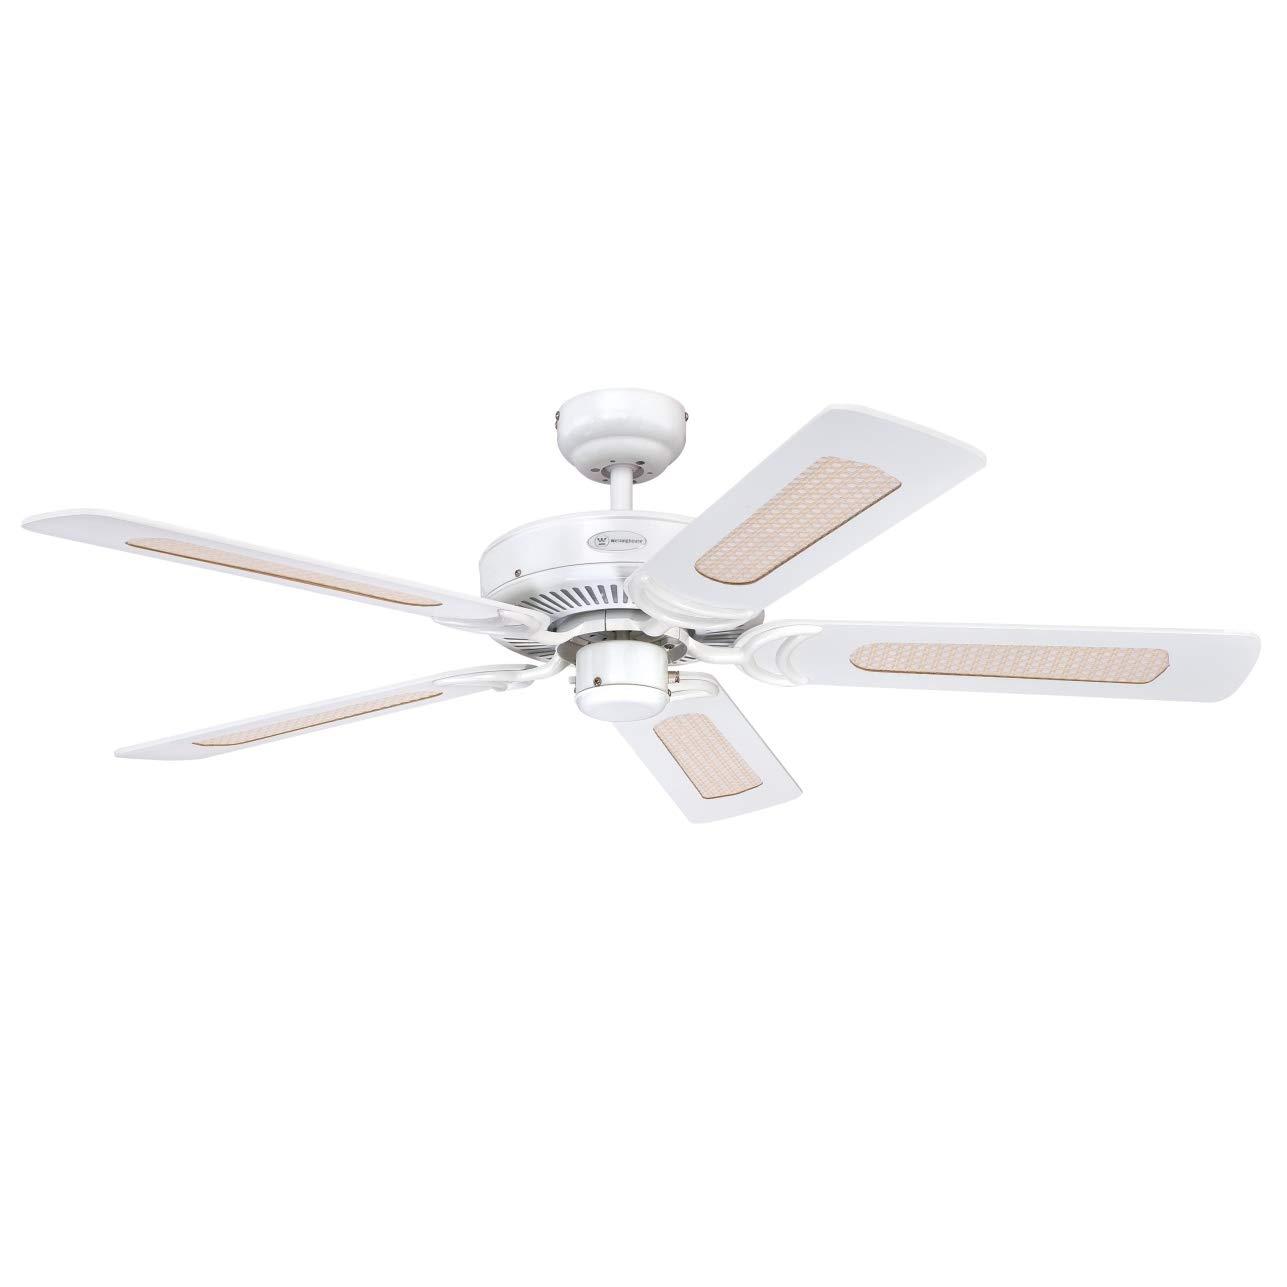 LED Decken Ventilator Wärme Lüfter FERNBEDIENUNG Wind-Maschine 132 cm Wohnzimmer